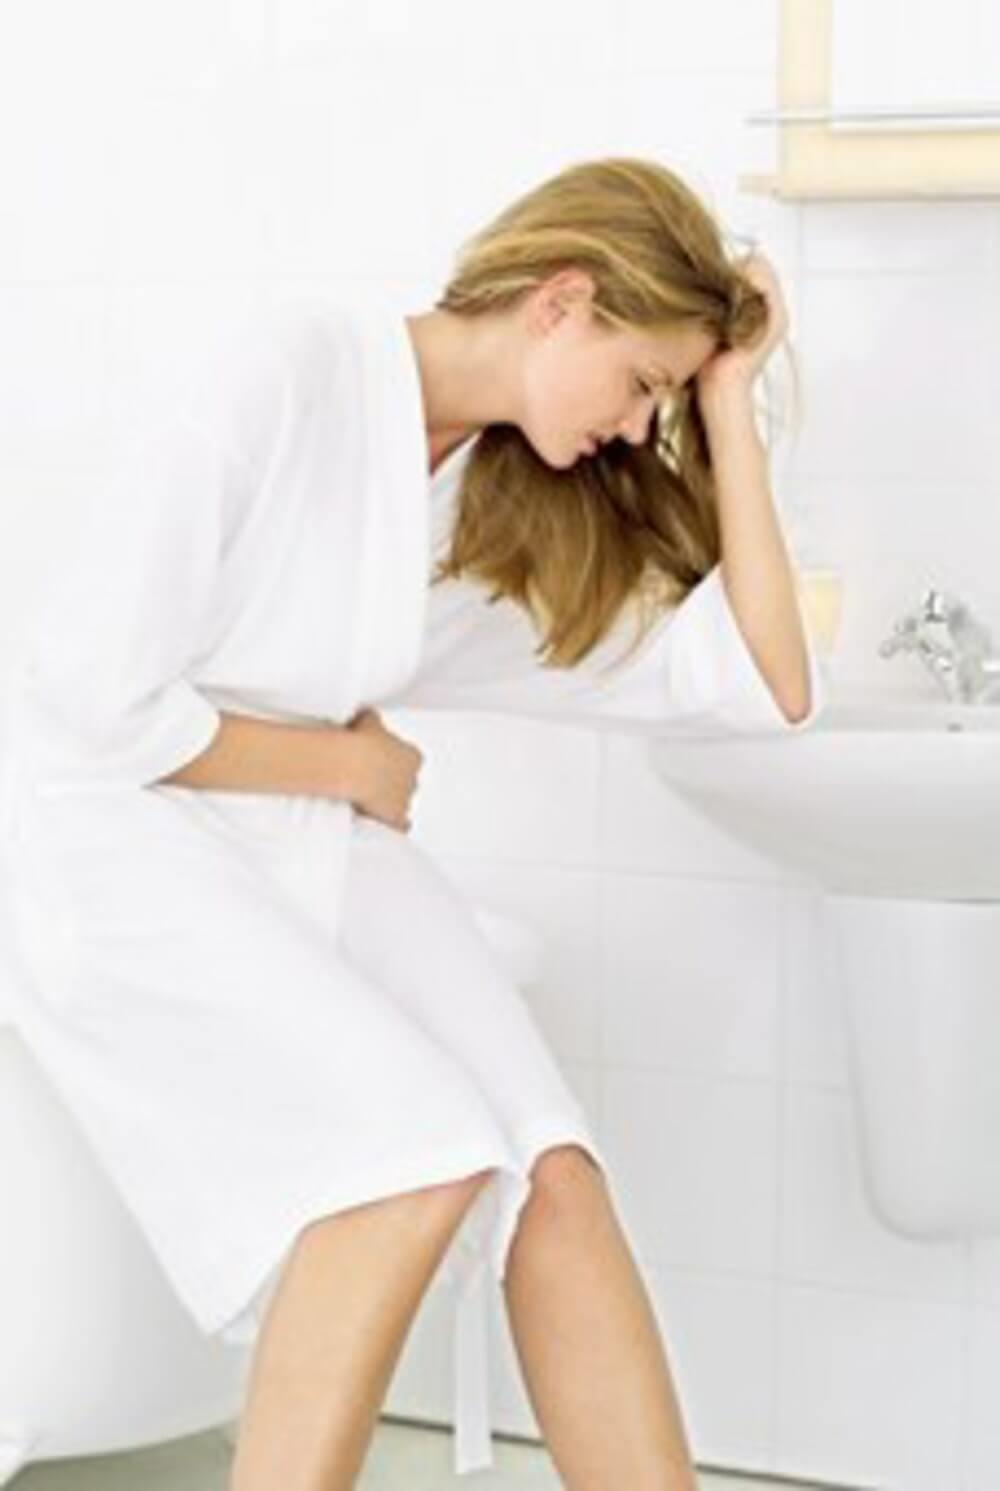 Боль в животе и тошнота - Частый понос и слабость